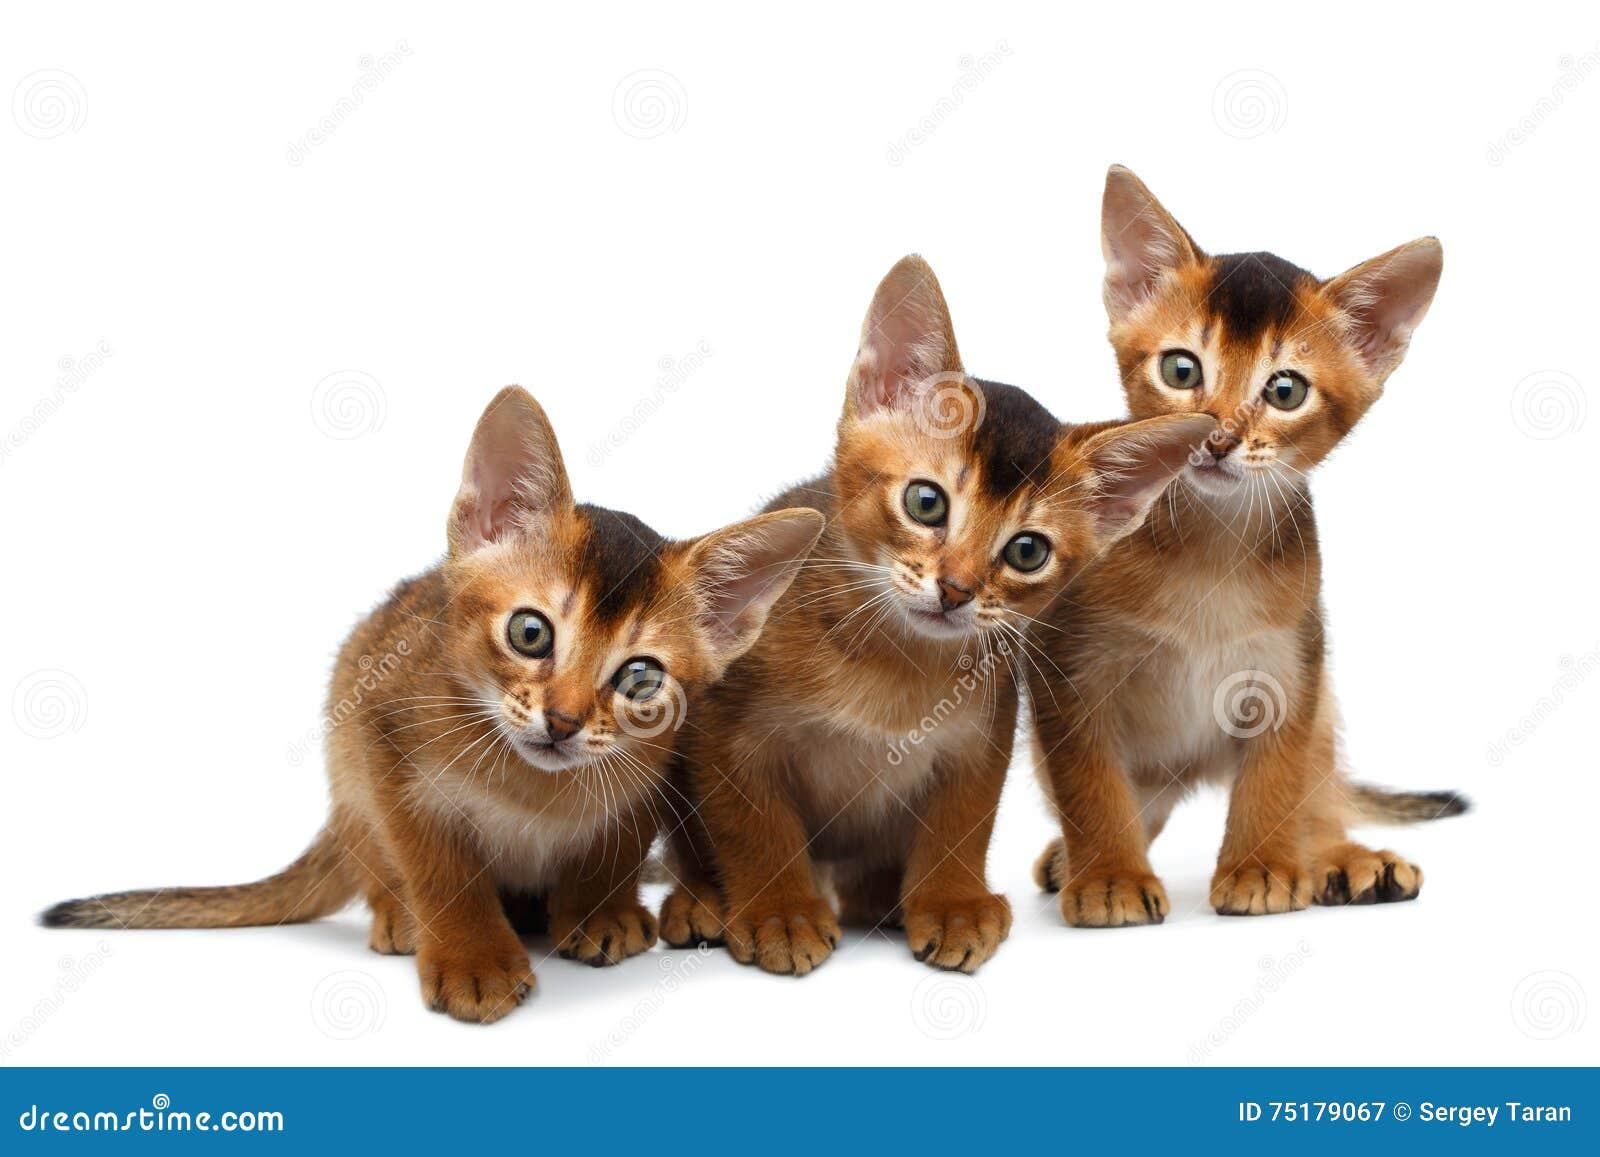 bengal cat length